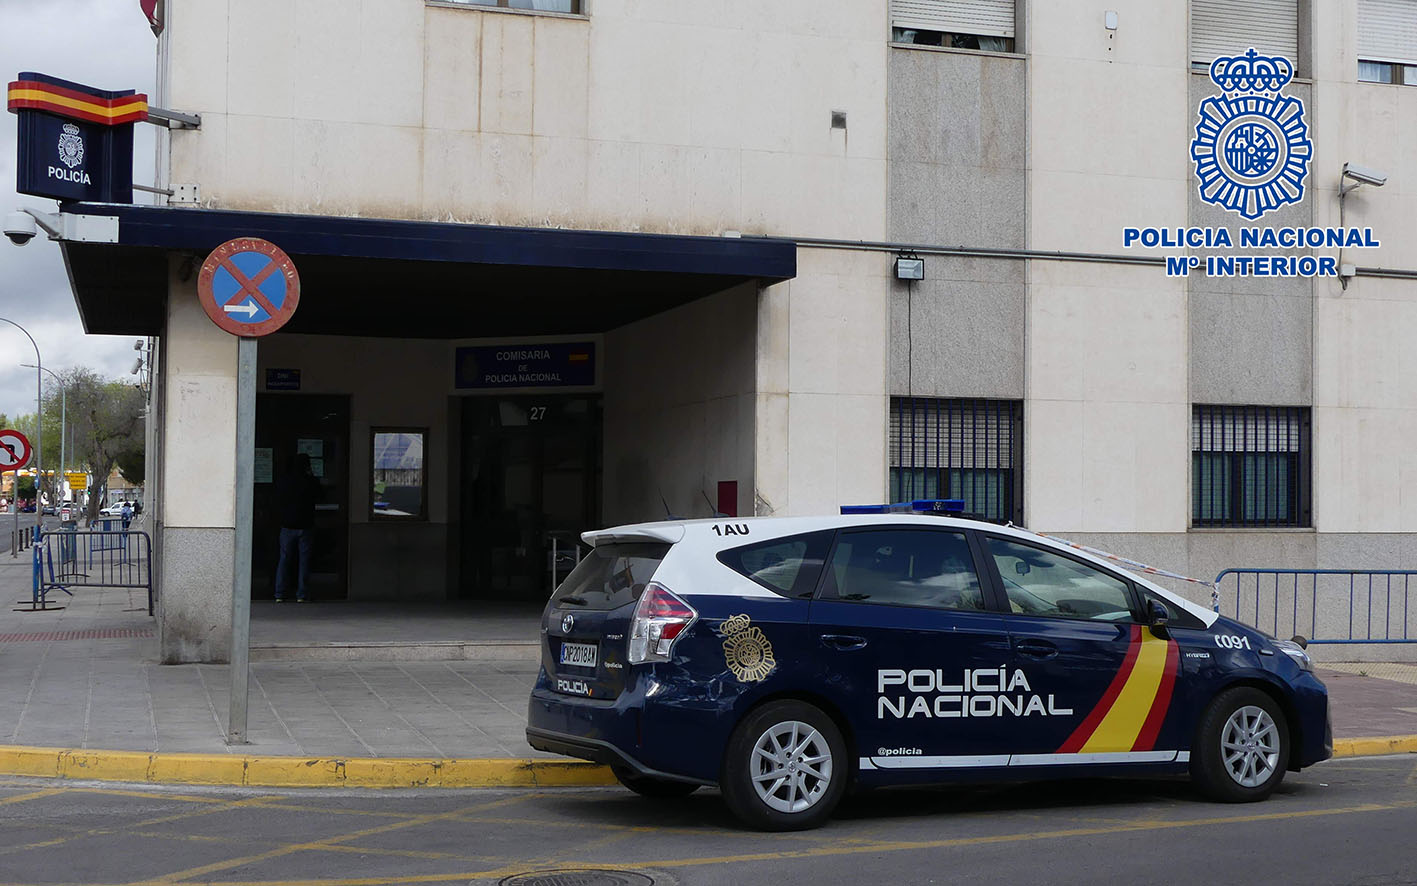 Los cinco tirones fueron en Ciudad Real y la presunta autora fue detenida por la Policía Nacional.